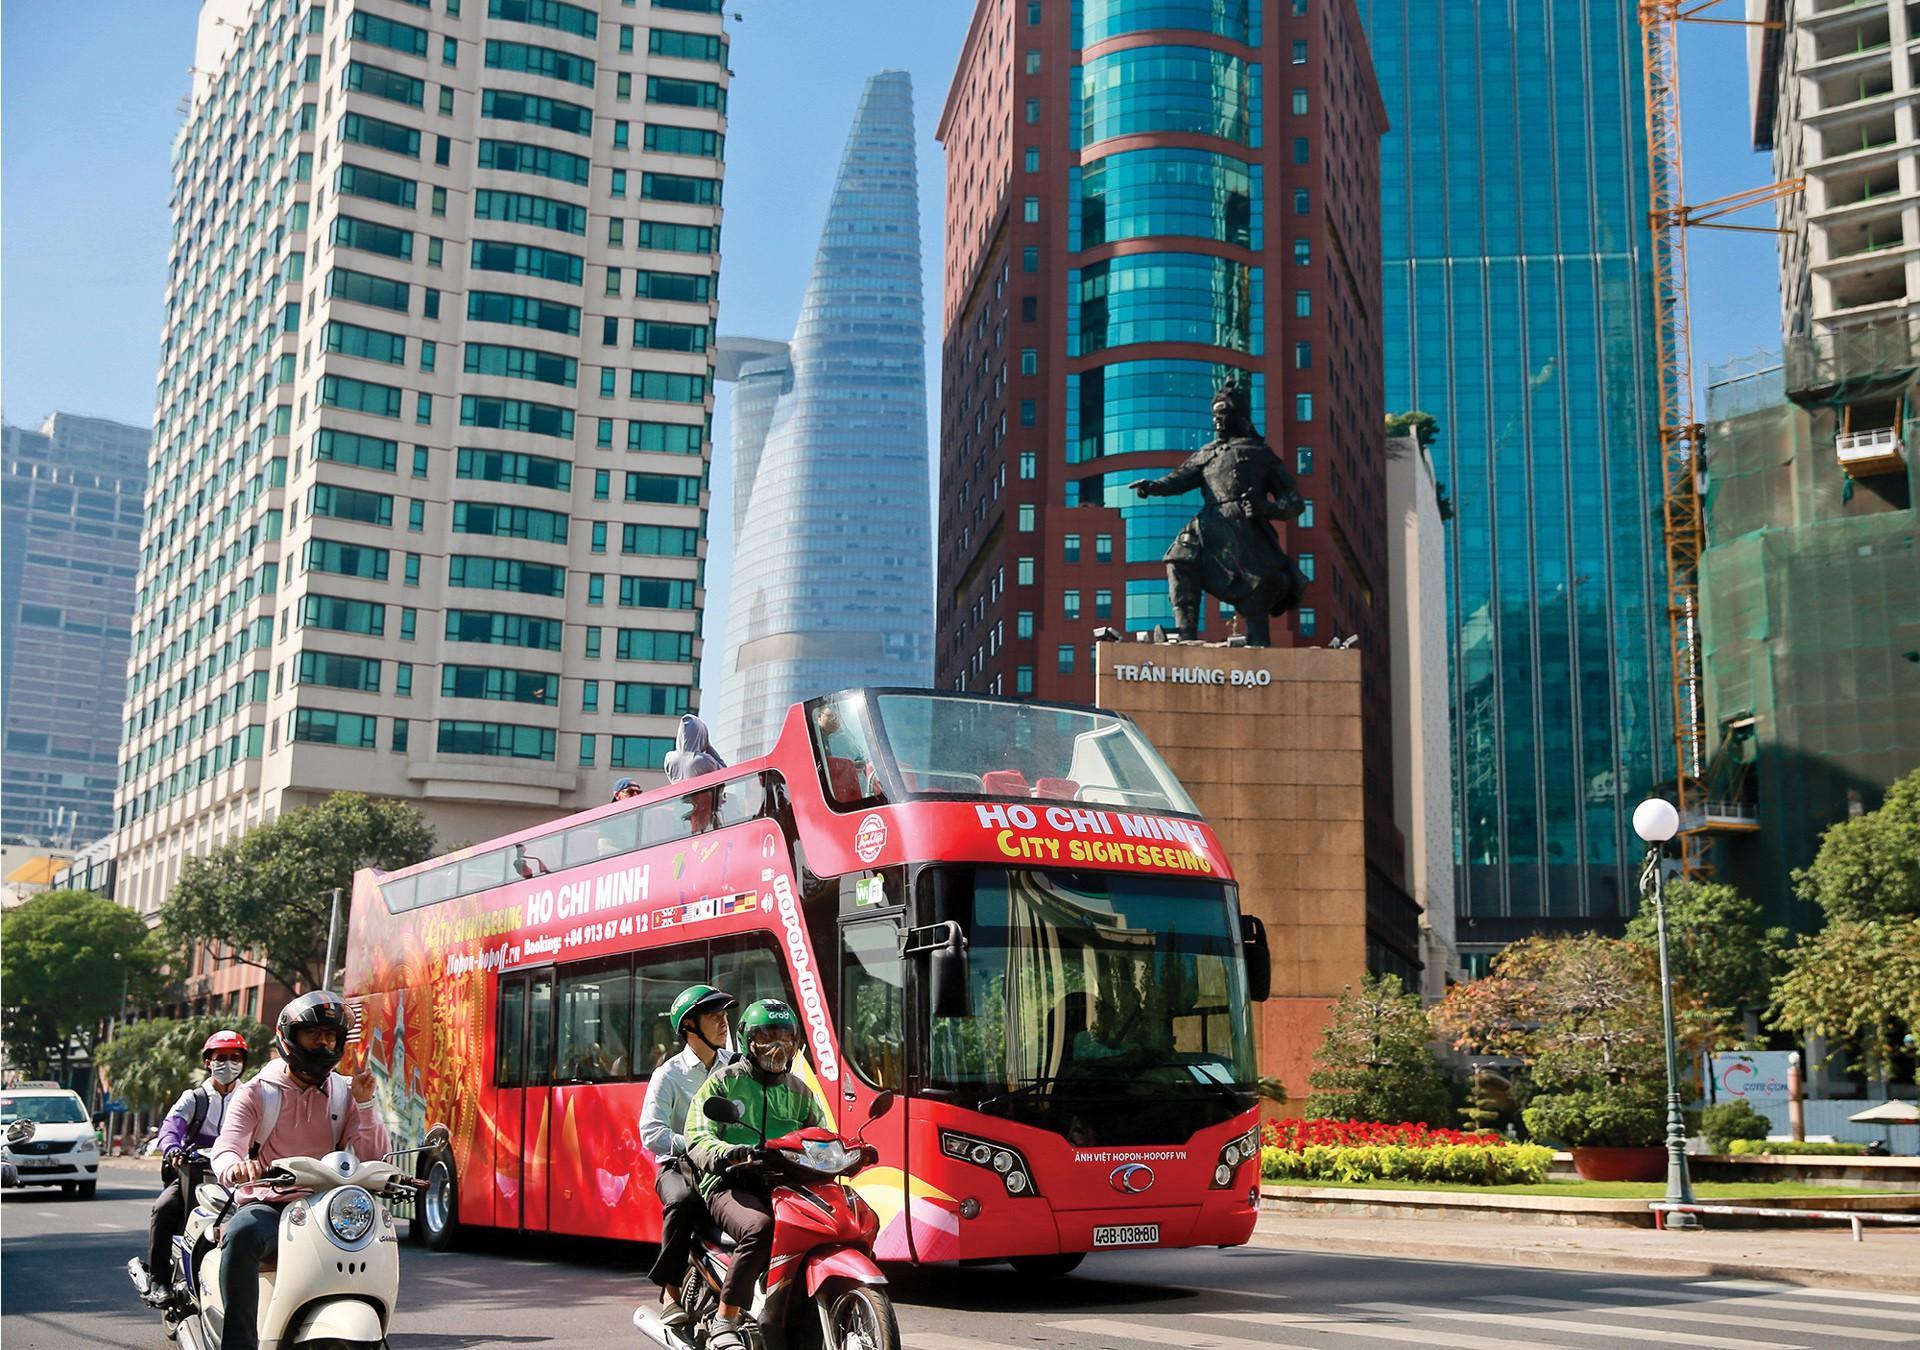 Trải nghiệm 'buýt mui trần' tại TPHCM Ảnh 7